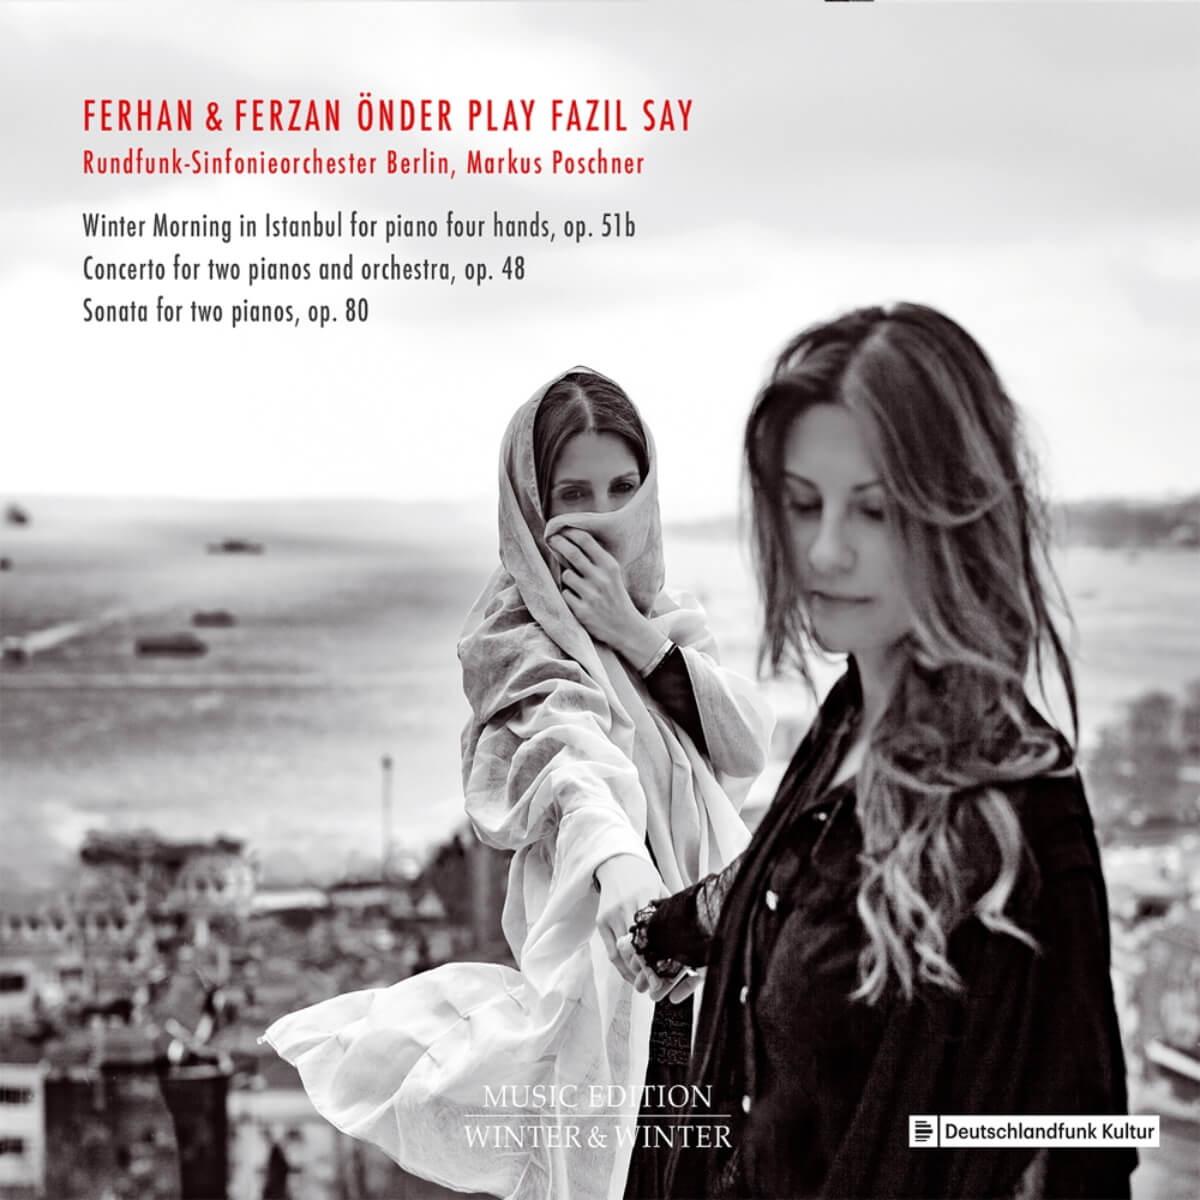 couverture du disque des jumelles pianistes Önder : Önder play Fazil Say